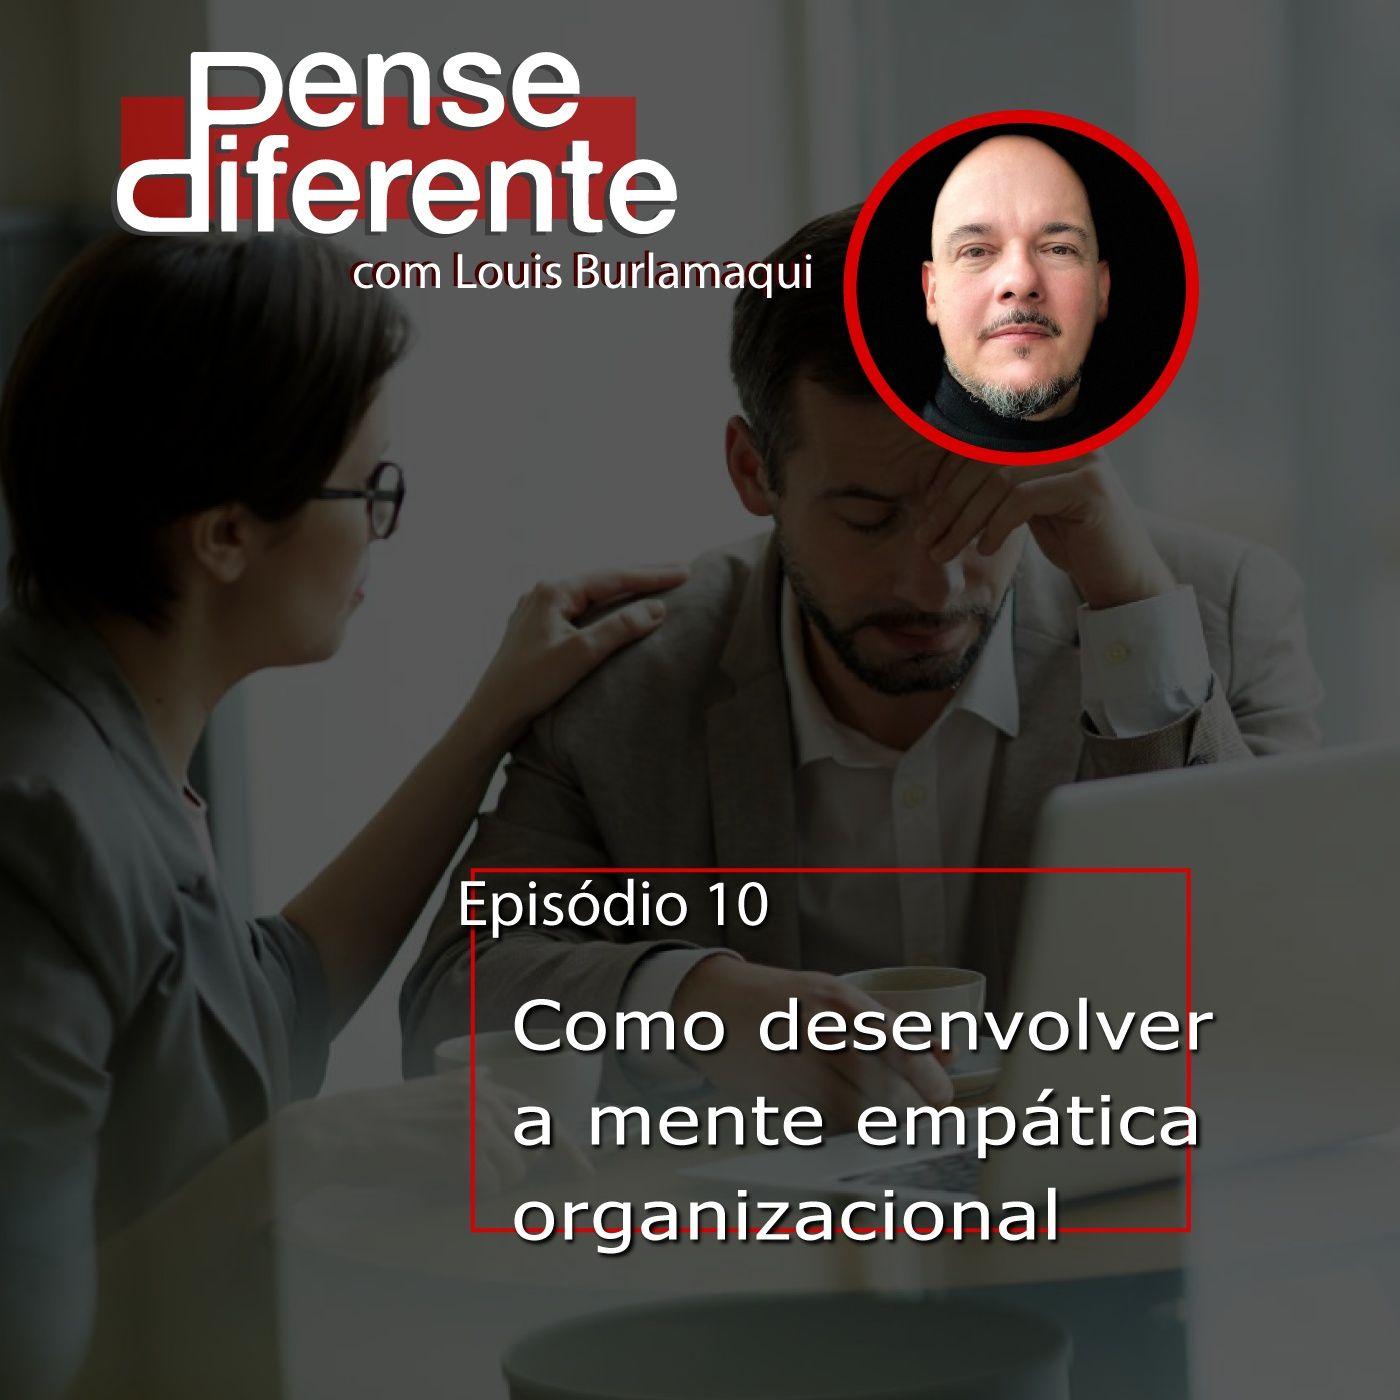 Como desenvolver a mente empática organizacional